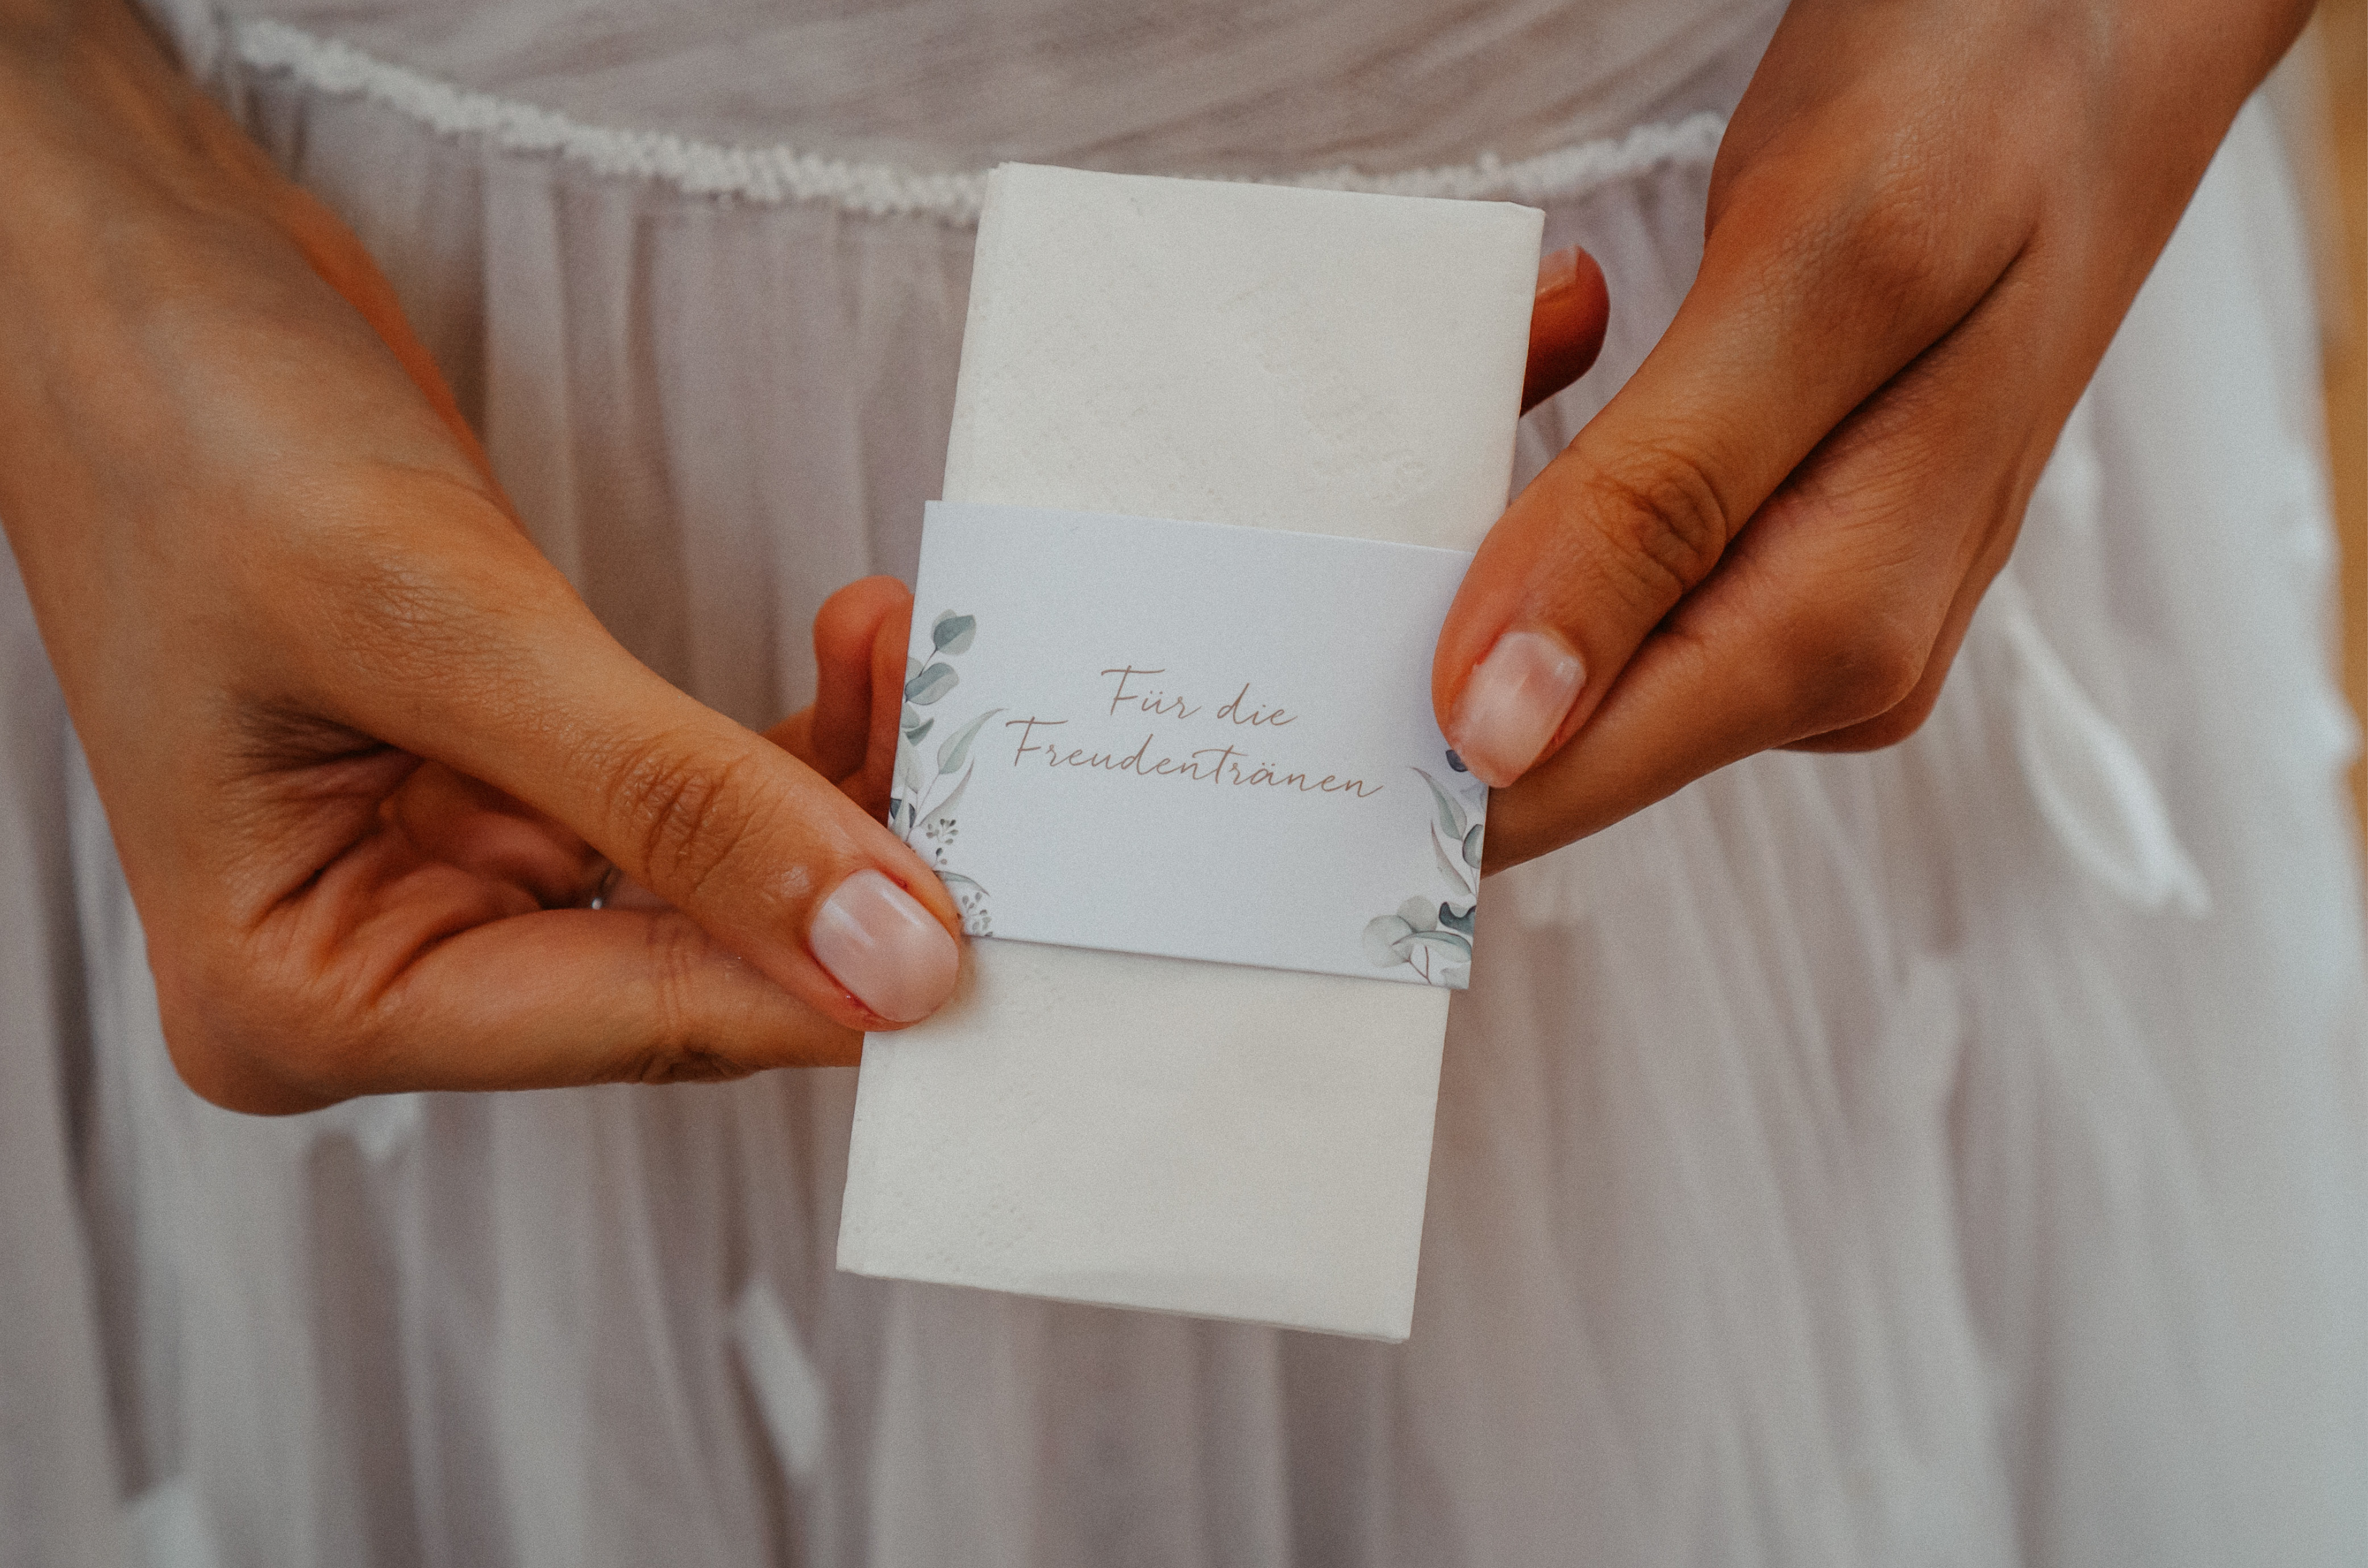 Banderole aus Papier für die Freudentränen der Gäste.